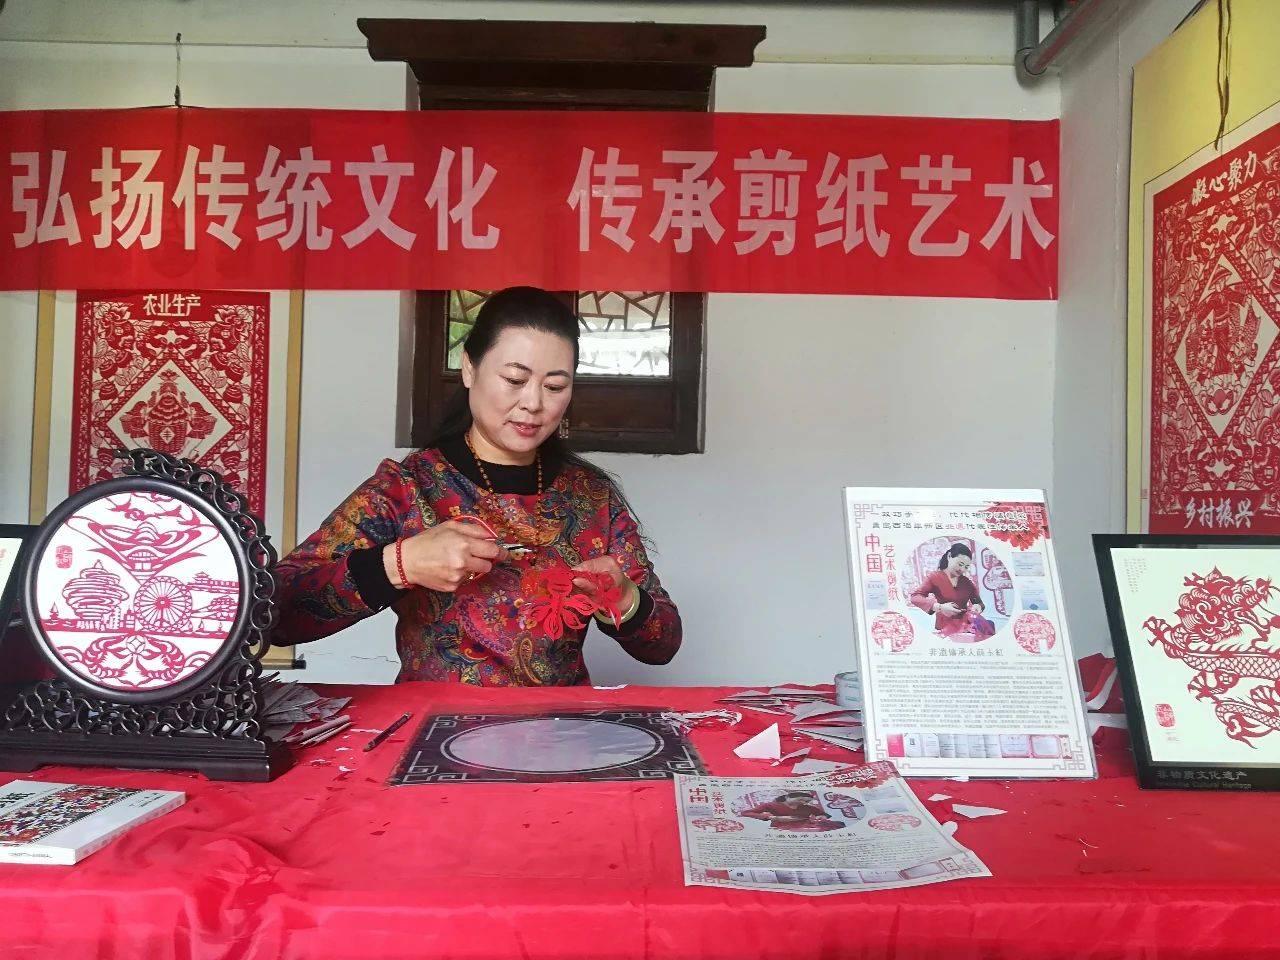 青岛有个剪纸工匠 用一双巧手诠释中国梦!